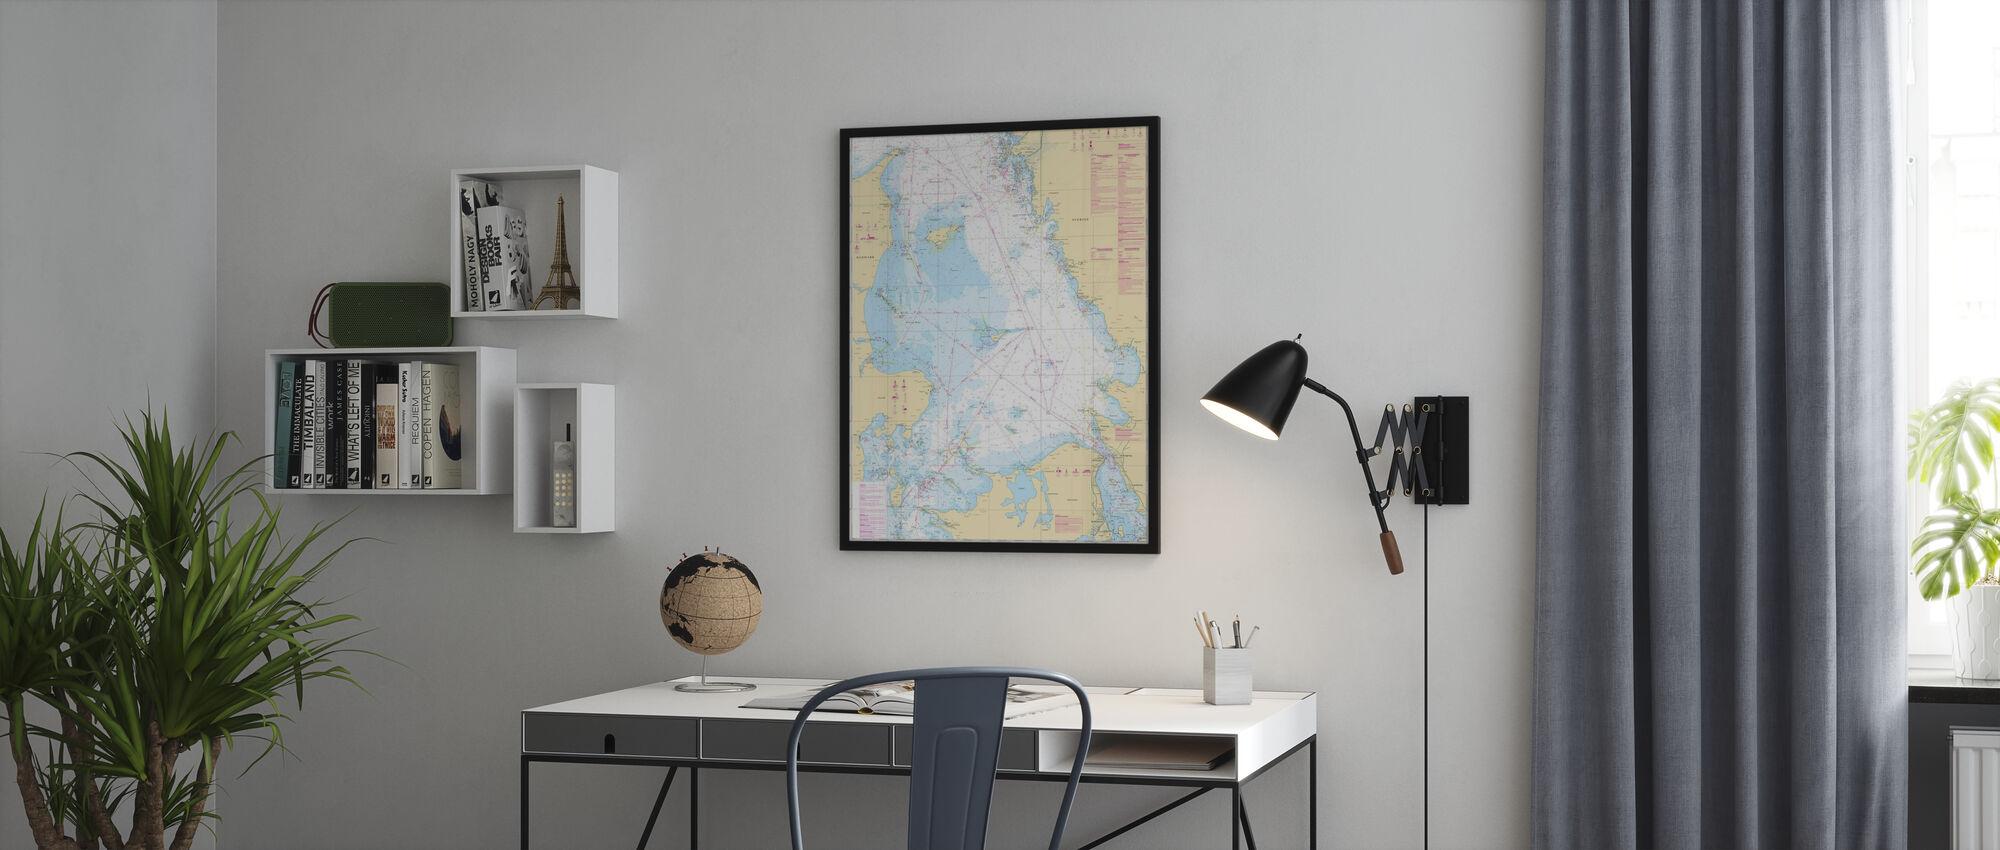 Meri Chart 92 - Kattegatt - Kehystetty kuva - Toimisto